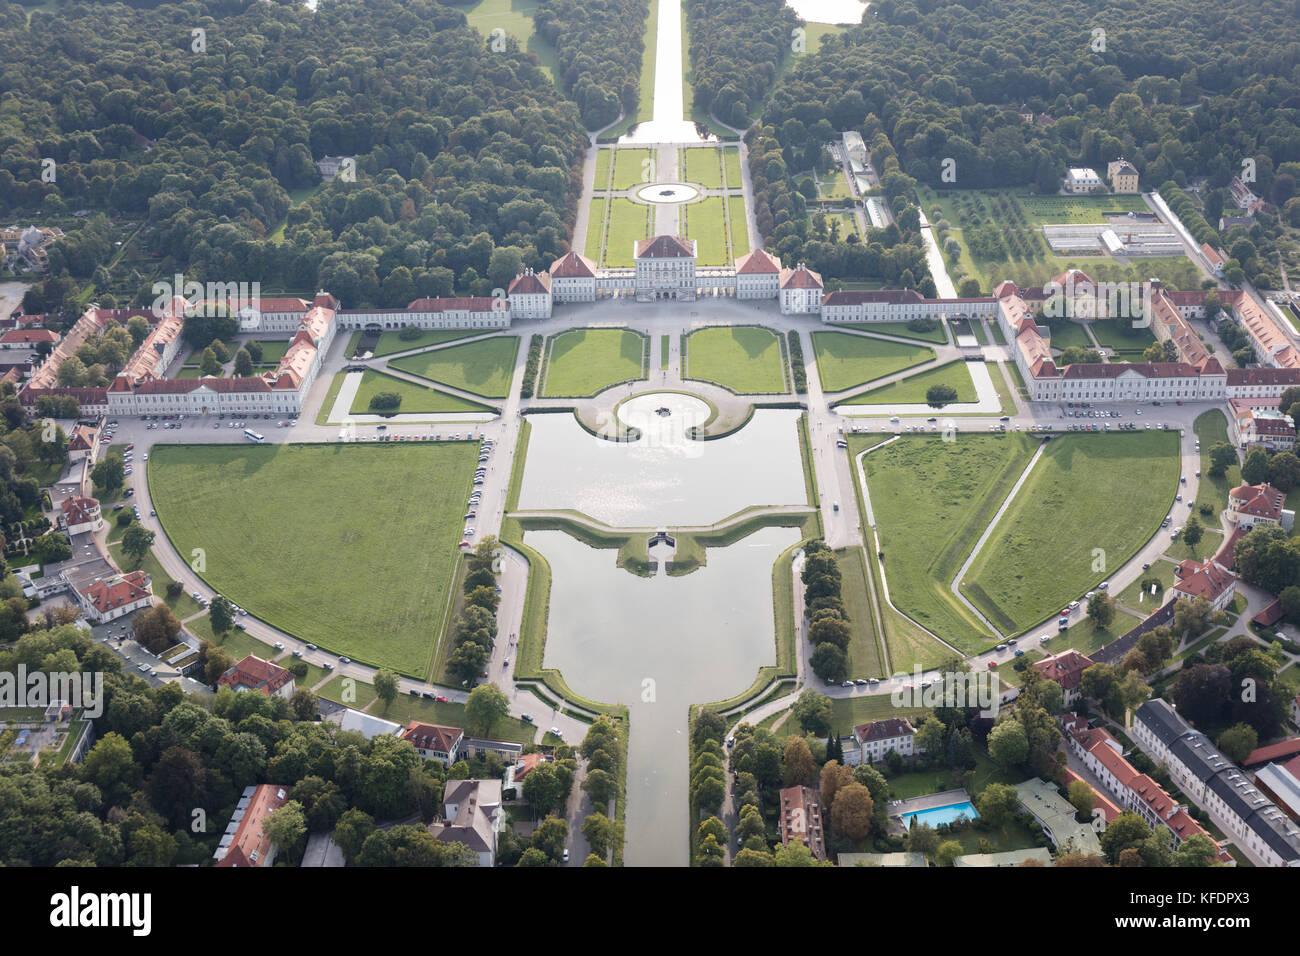 Vue aérienne du château Nymphenburg (Schloss Nymphenburg), Munich, Bavière, Allemagne Photo Stock